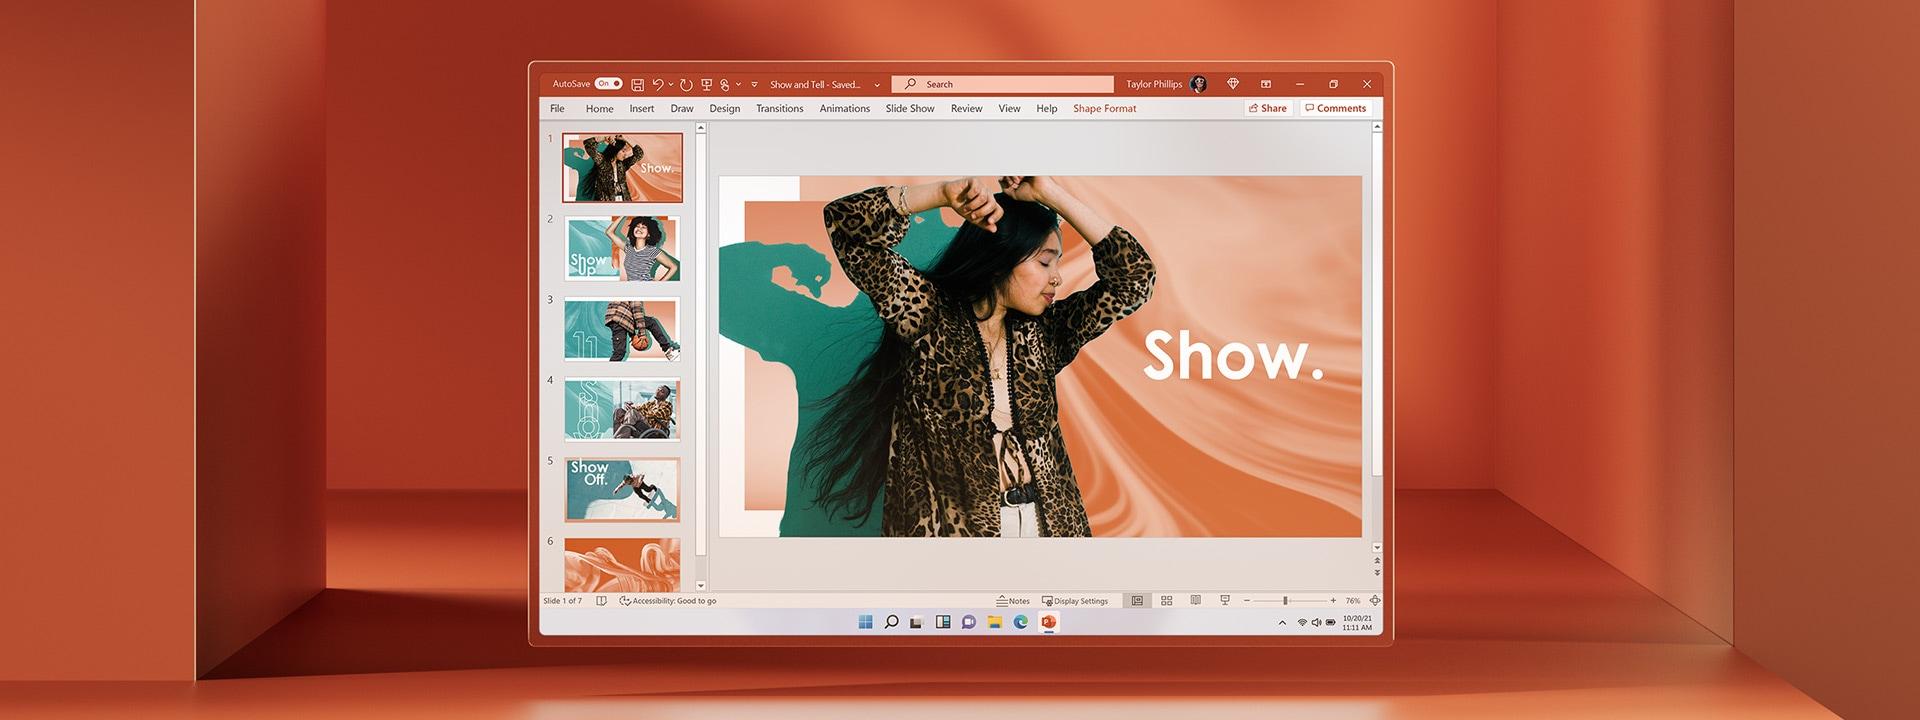 Παρουσίαση του Microsoft PowerPoint